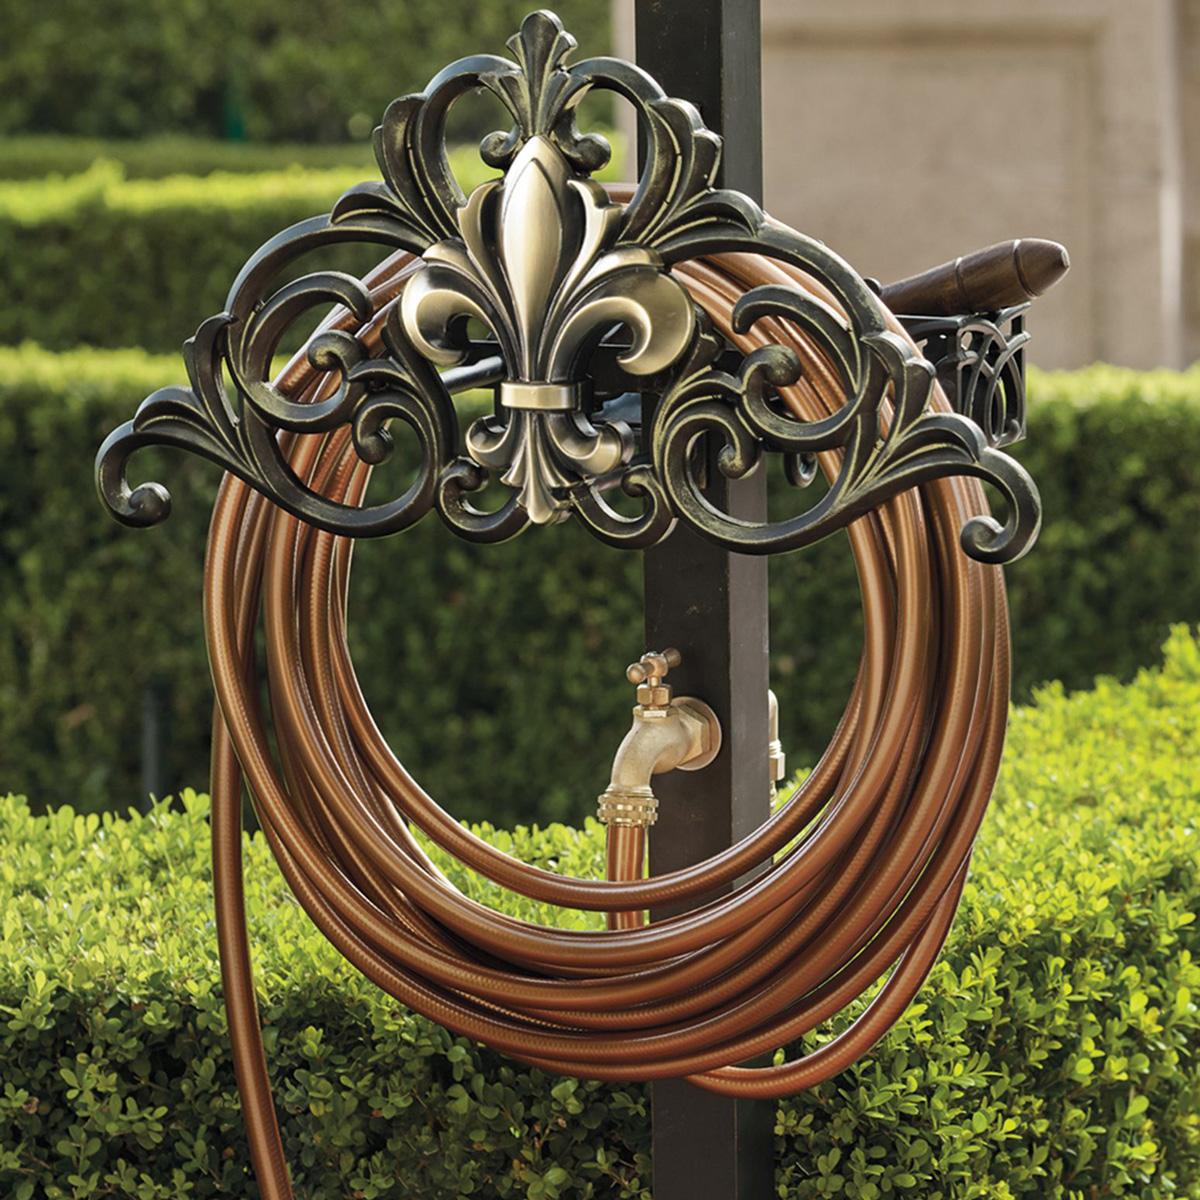 Wonderful Premium Drink Safe Copper Garden Hose